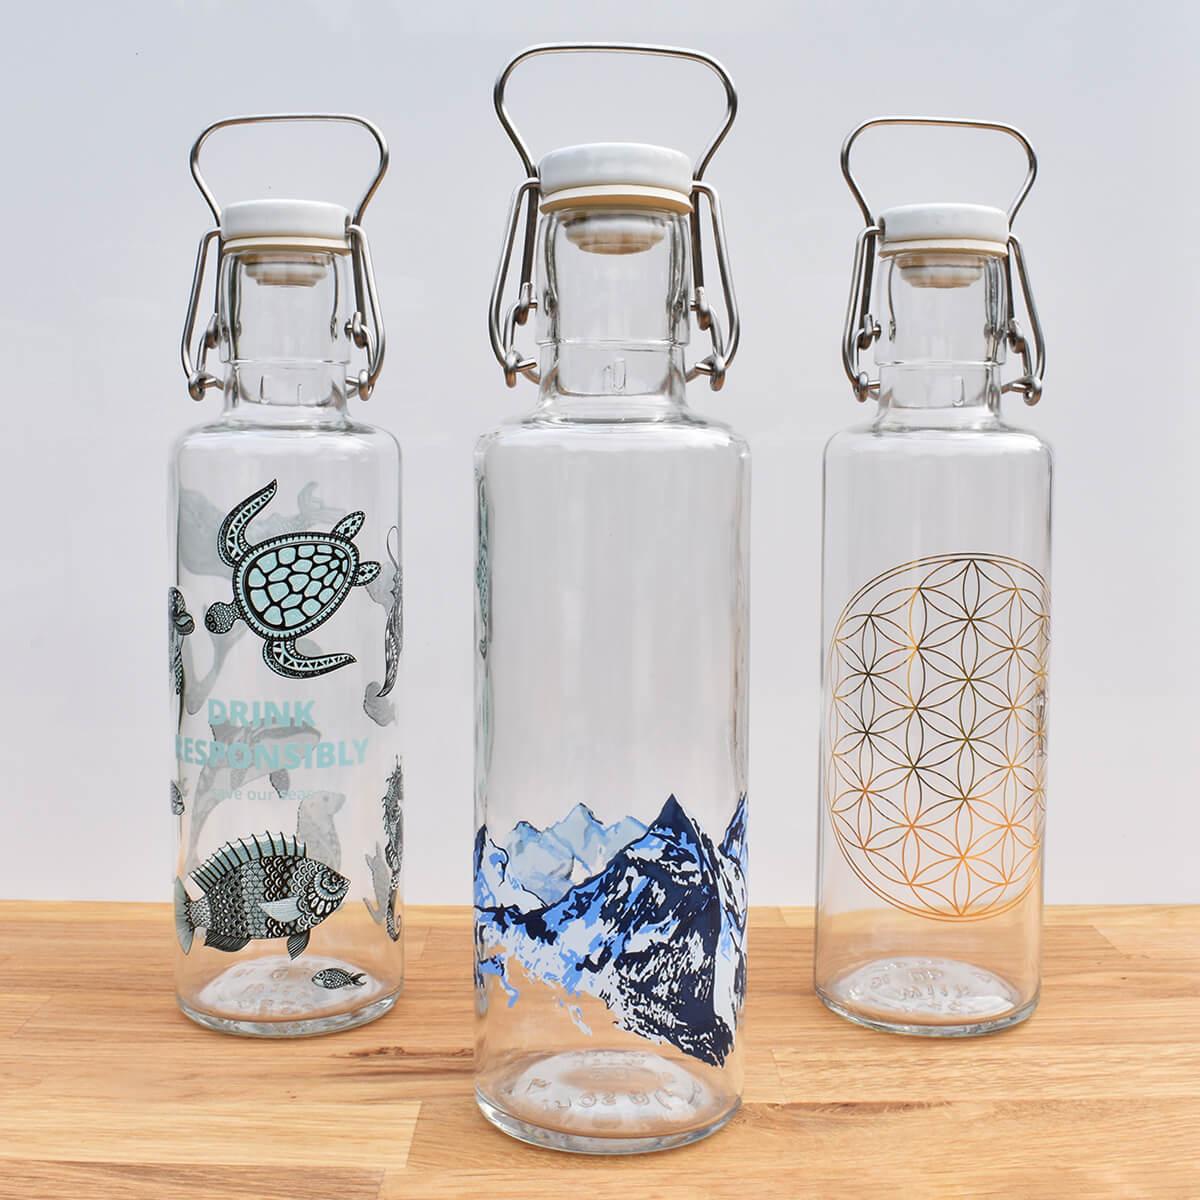 Soul Bottle 'Plants Make People Happy' Glass Water Bottle - 600ml